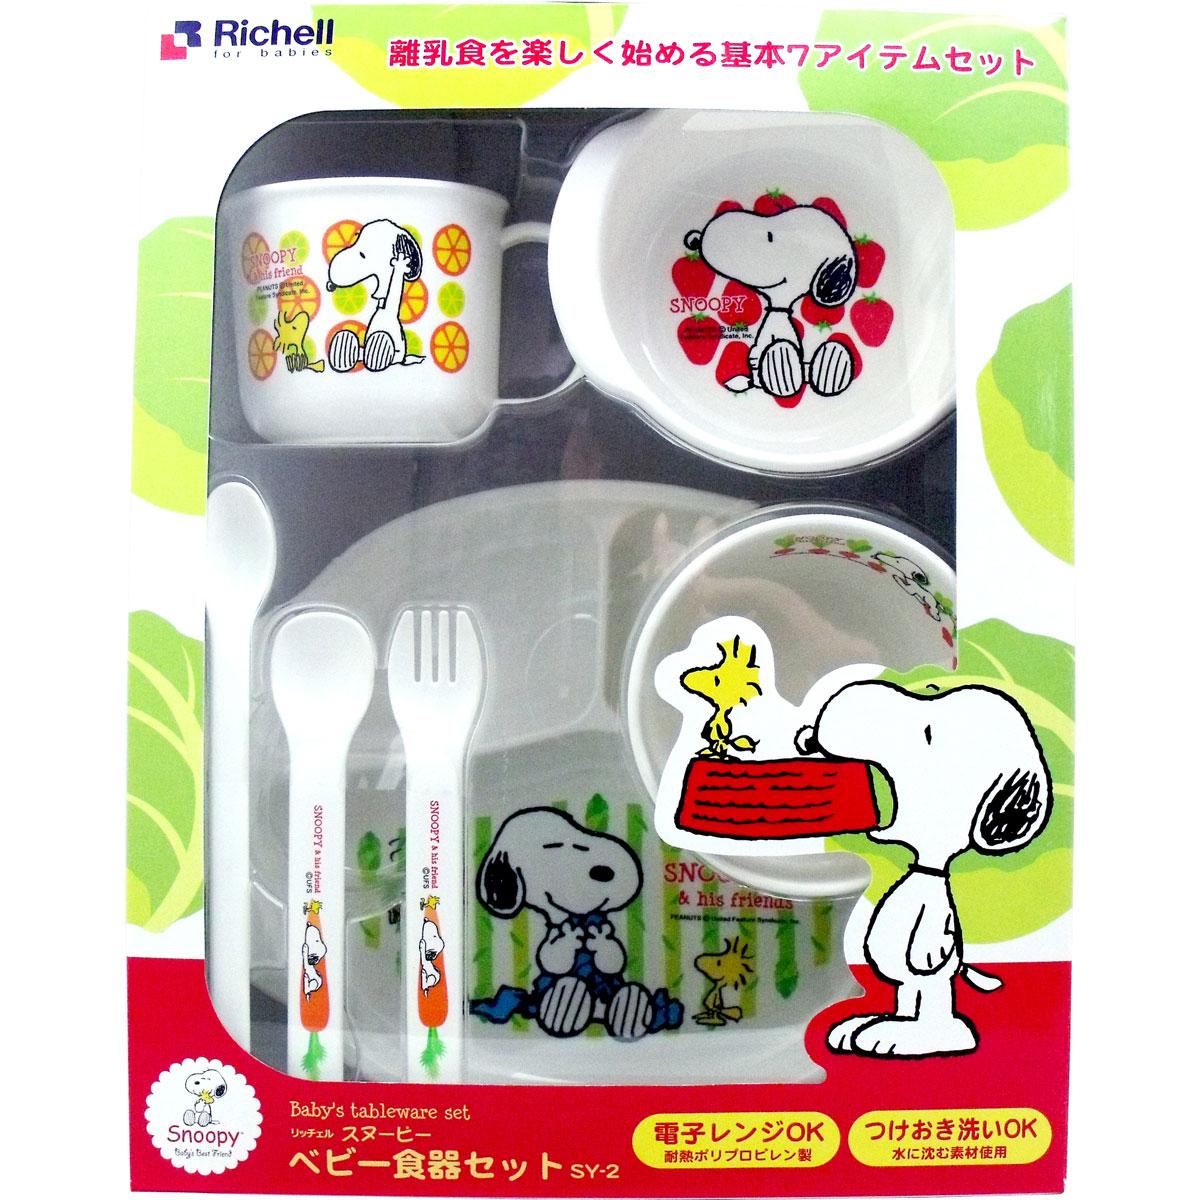 リッチェル スヌーピー ベビー食器セット SY-2